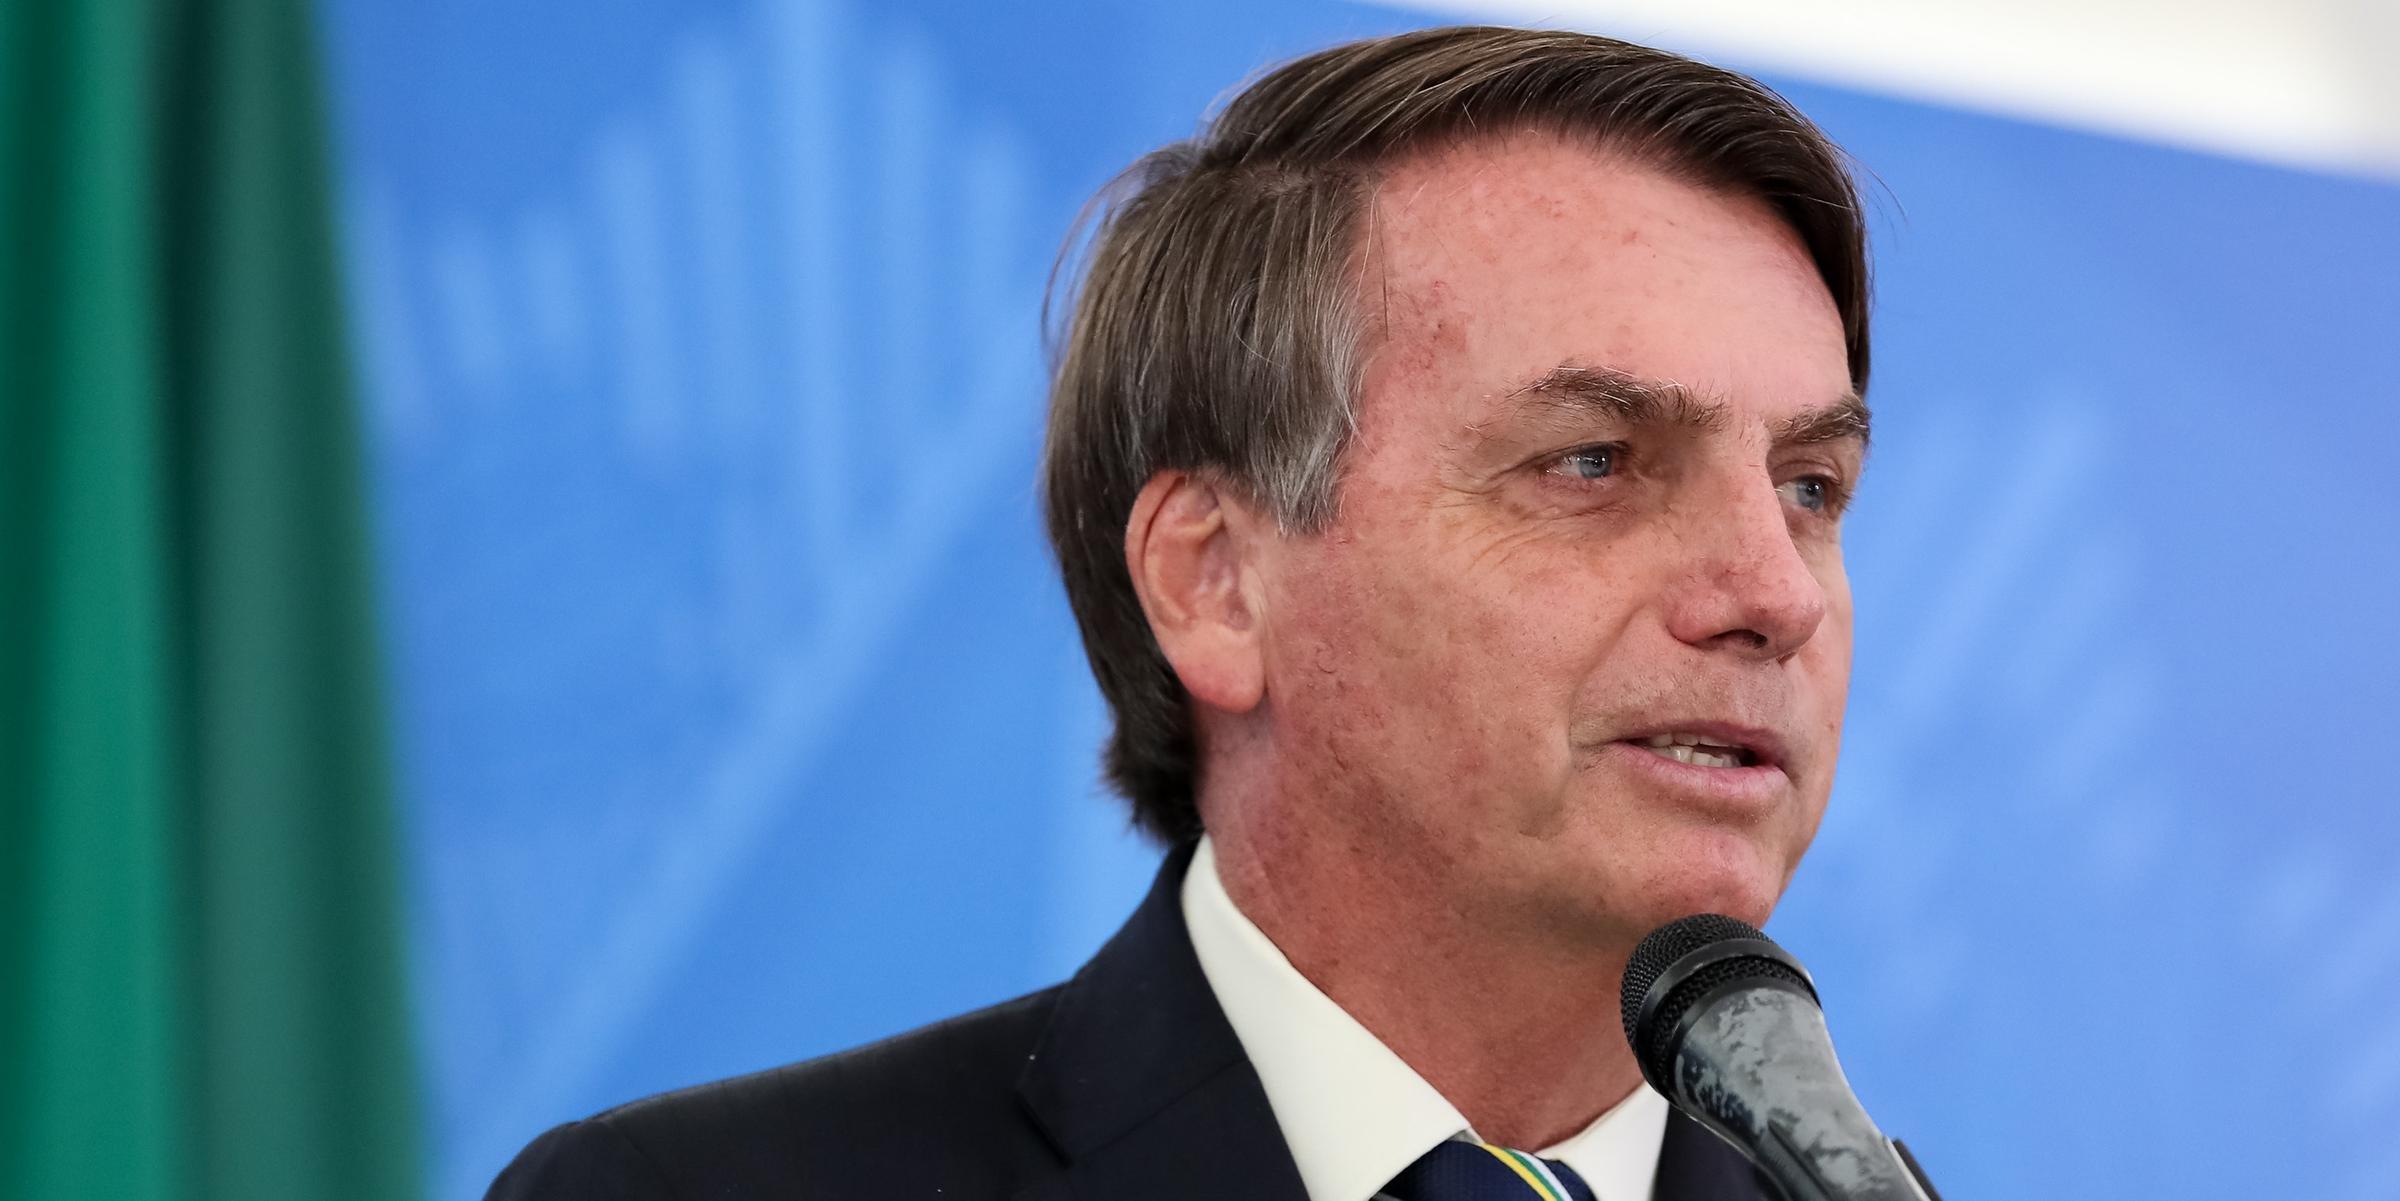 Bolsonaro propôs a ação, cobrando indenização de R$ 20 mil pelas críticas feitas por Wyllys